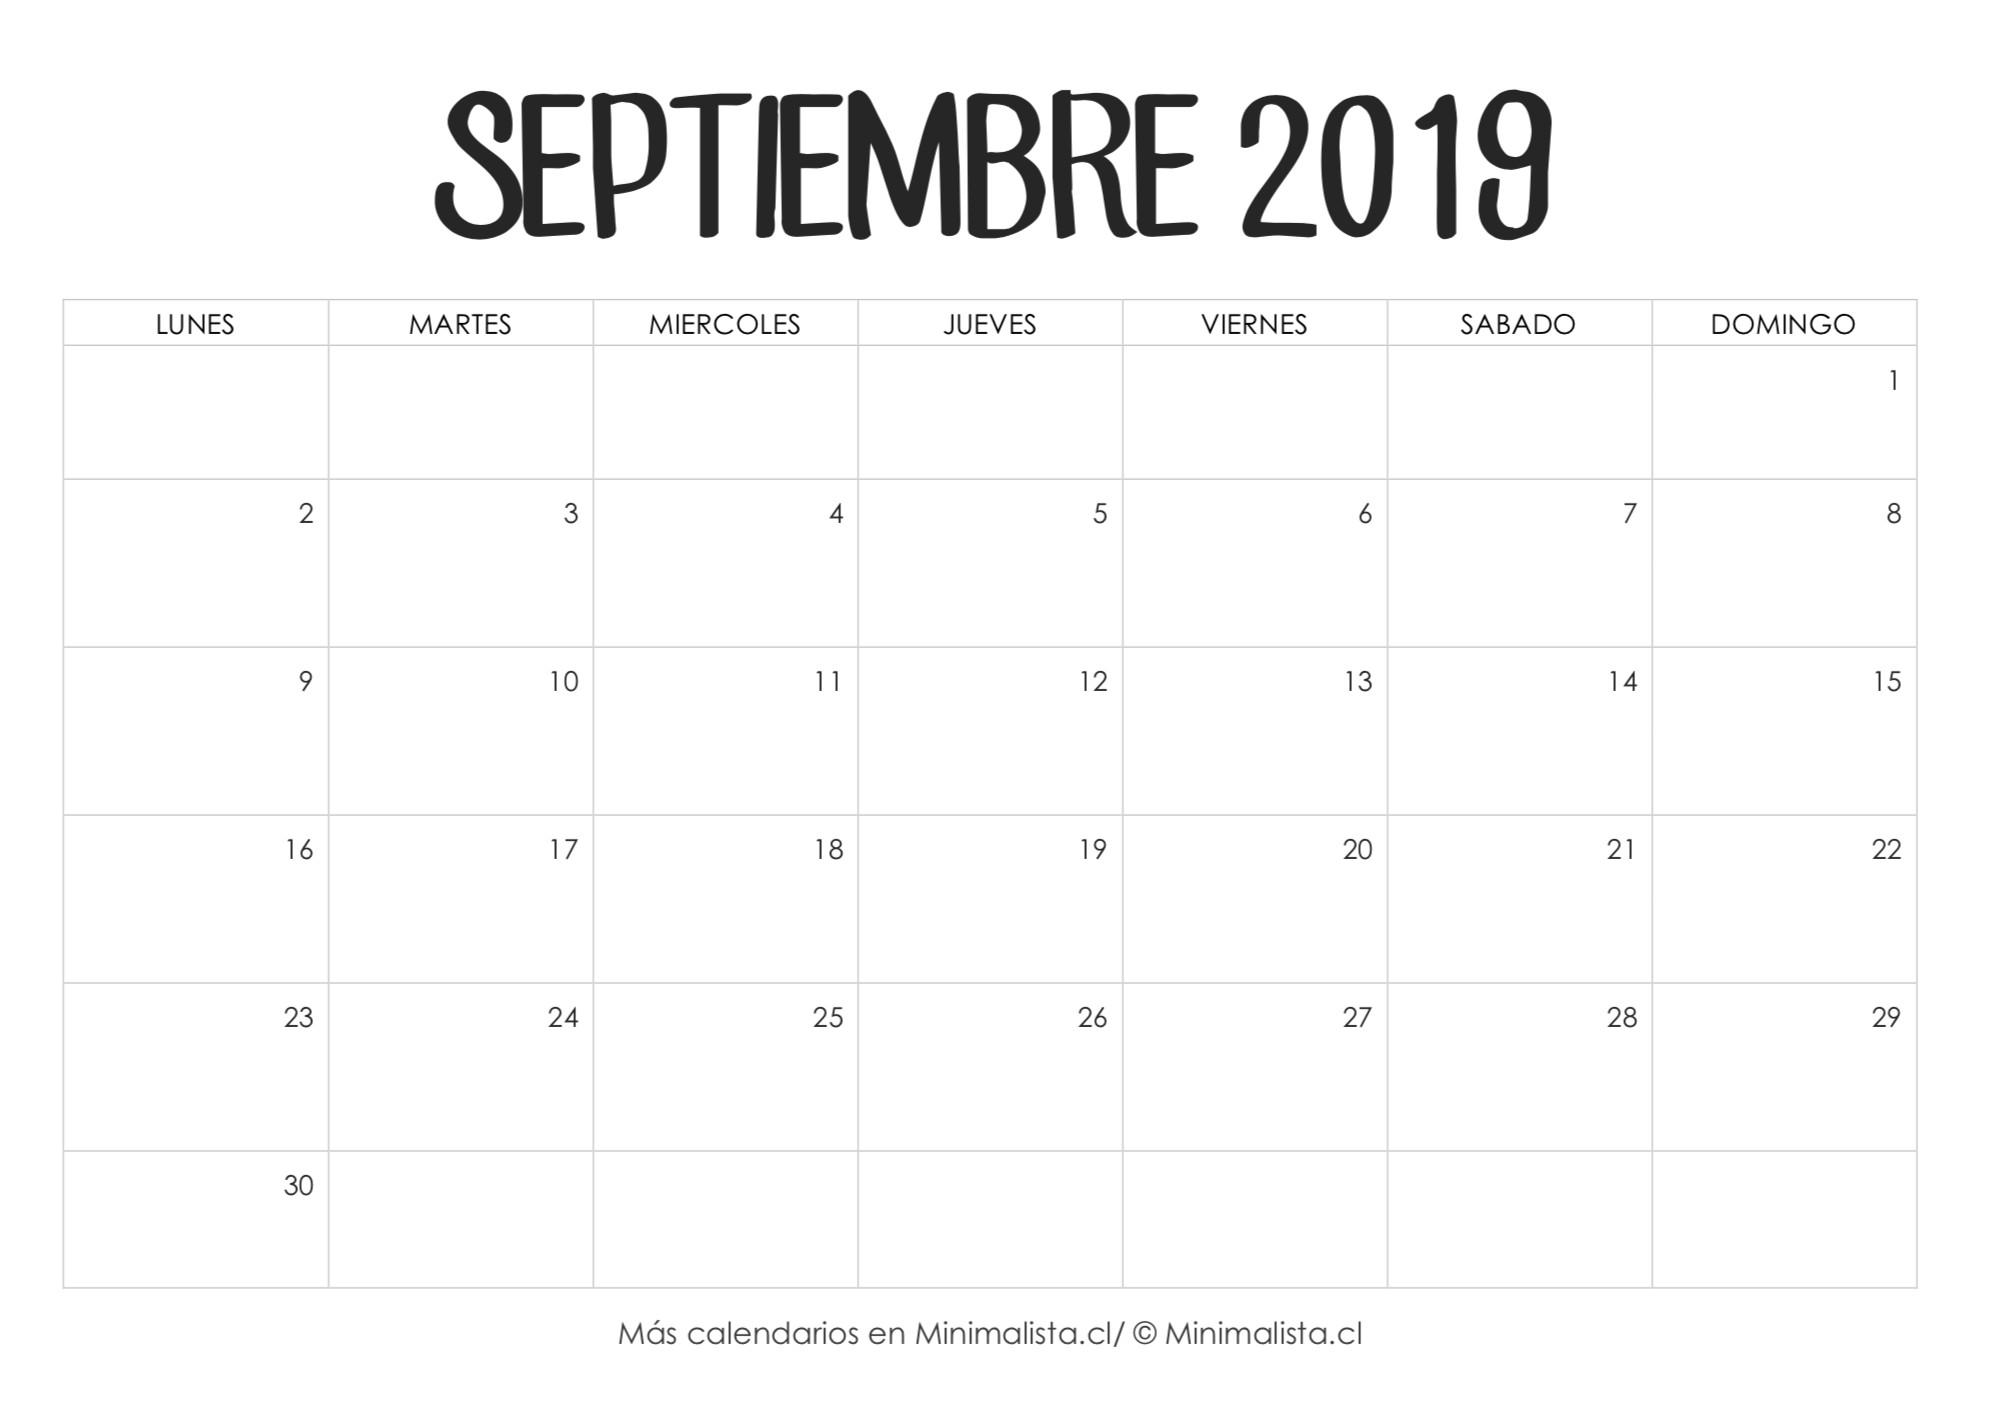 Calendario 2019 Con Feriados En Venezuela Más Recientes Calendario 2019 Para Imprimir Por Mes Of Calendario 2019 Con Feriados En Venezuela Más Actual Calendario Dr 2019 Calendario Colombia Ano 2019 Feriados